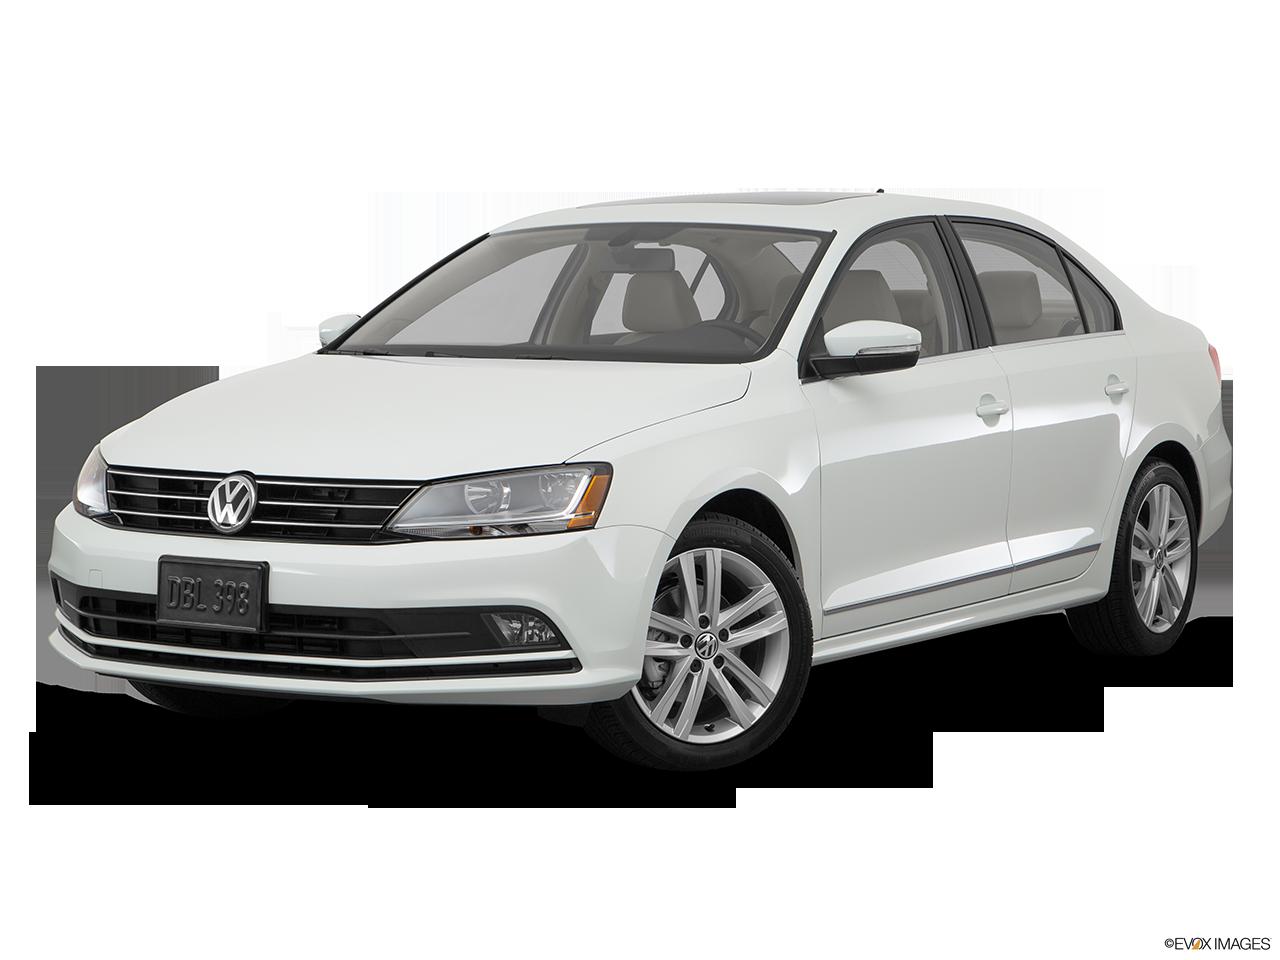 2017 Volkswagen Jetta serving Nashville